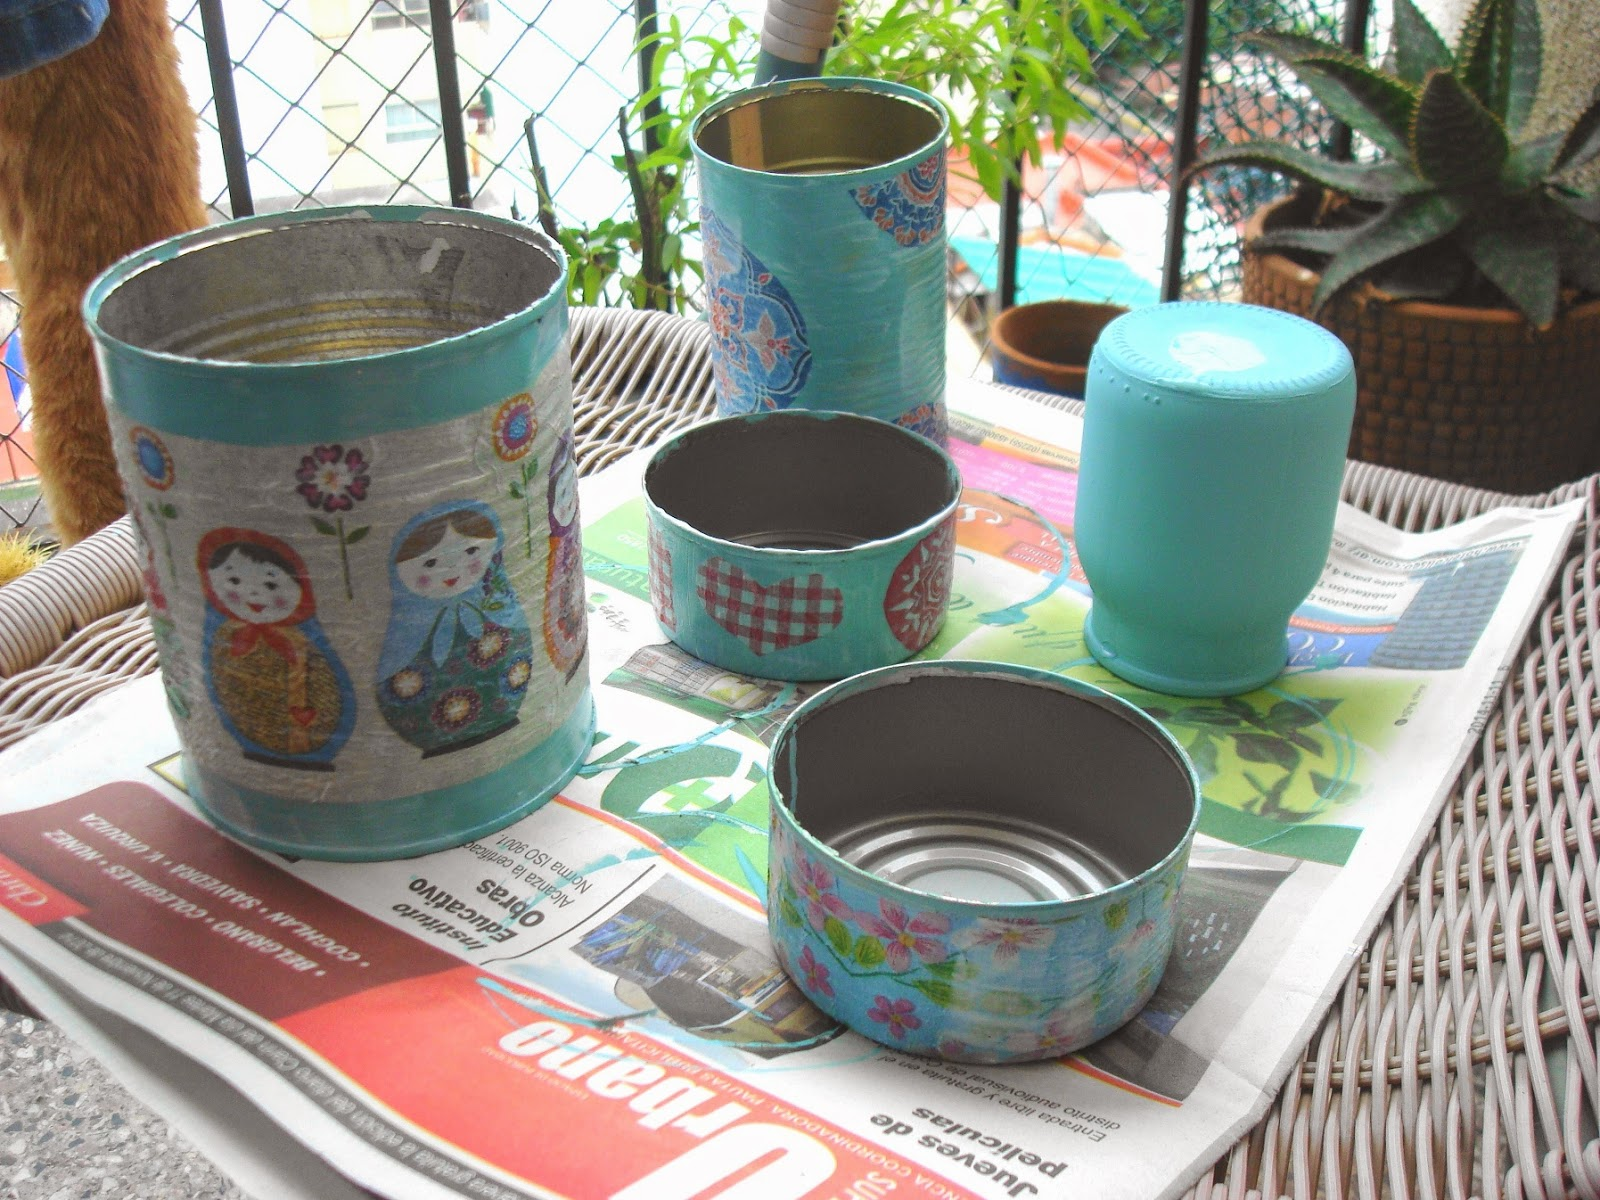 El pozo voluptuoso cosas lindas for Reciclar objetos